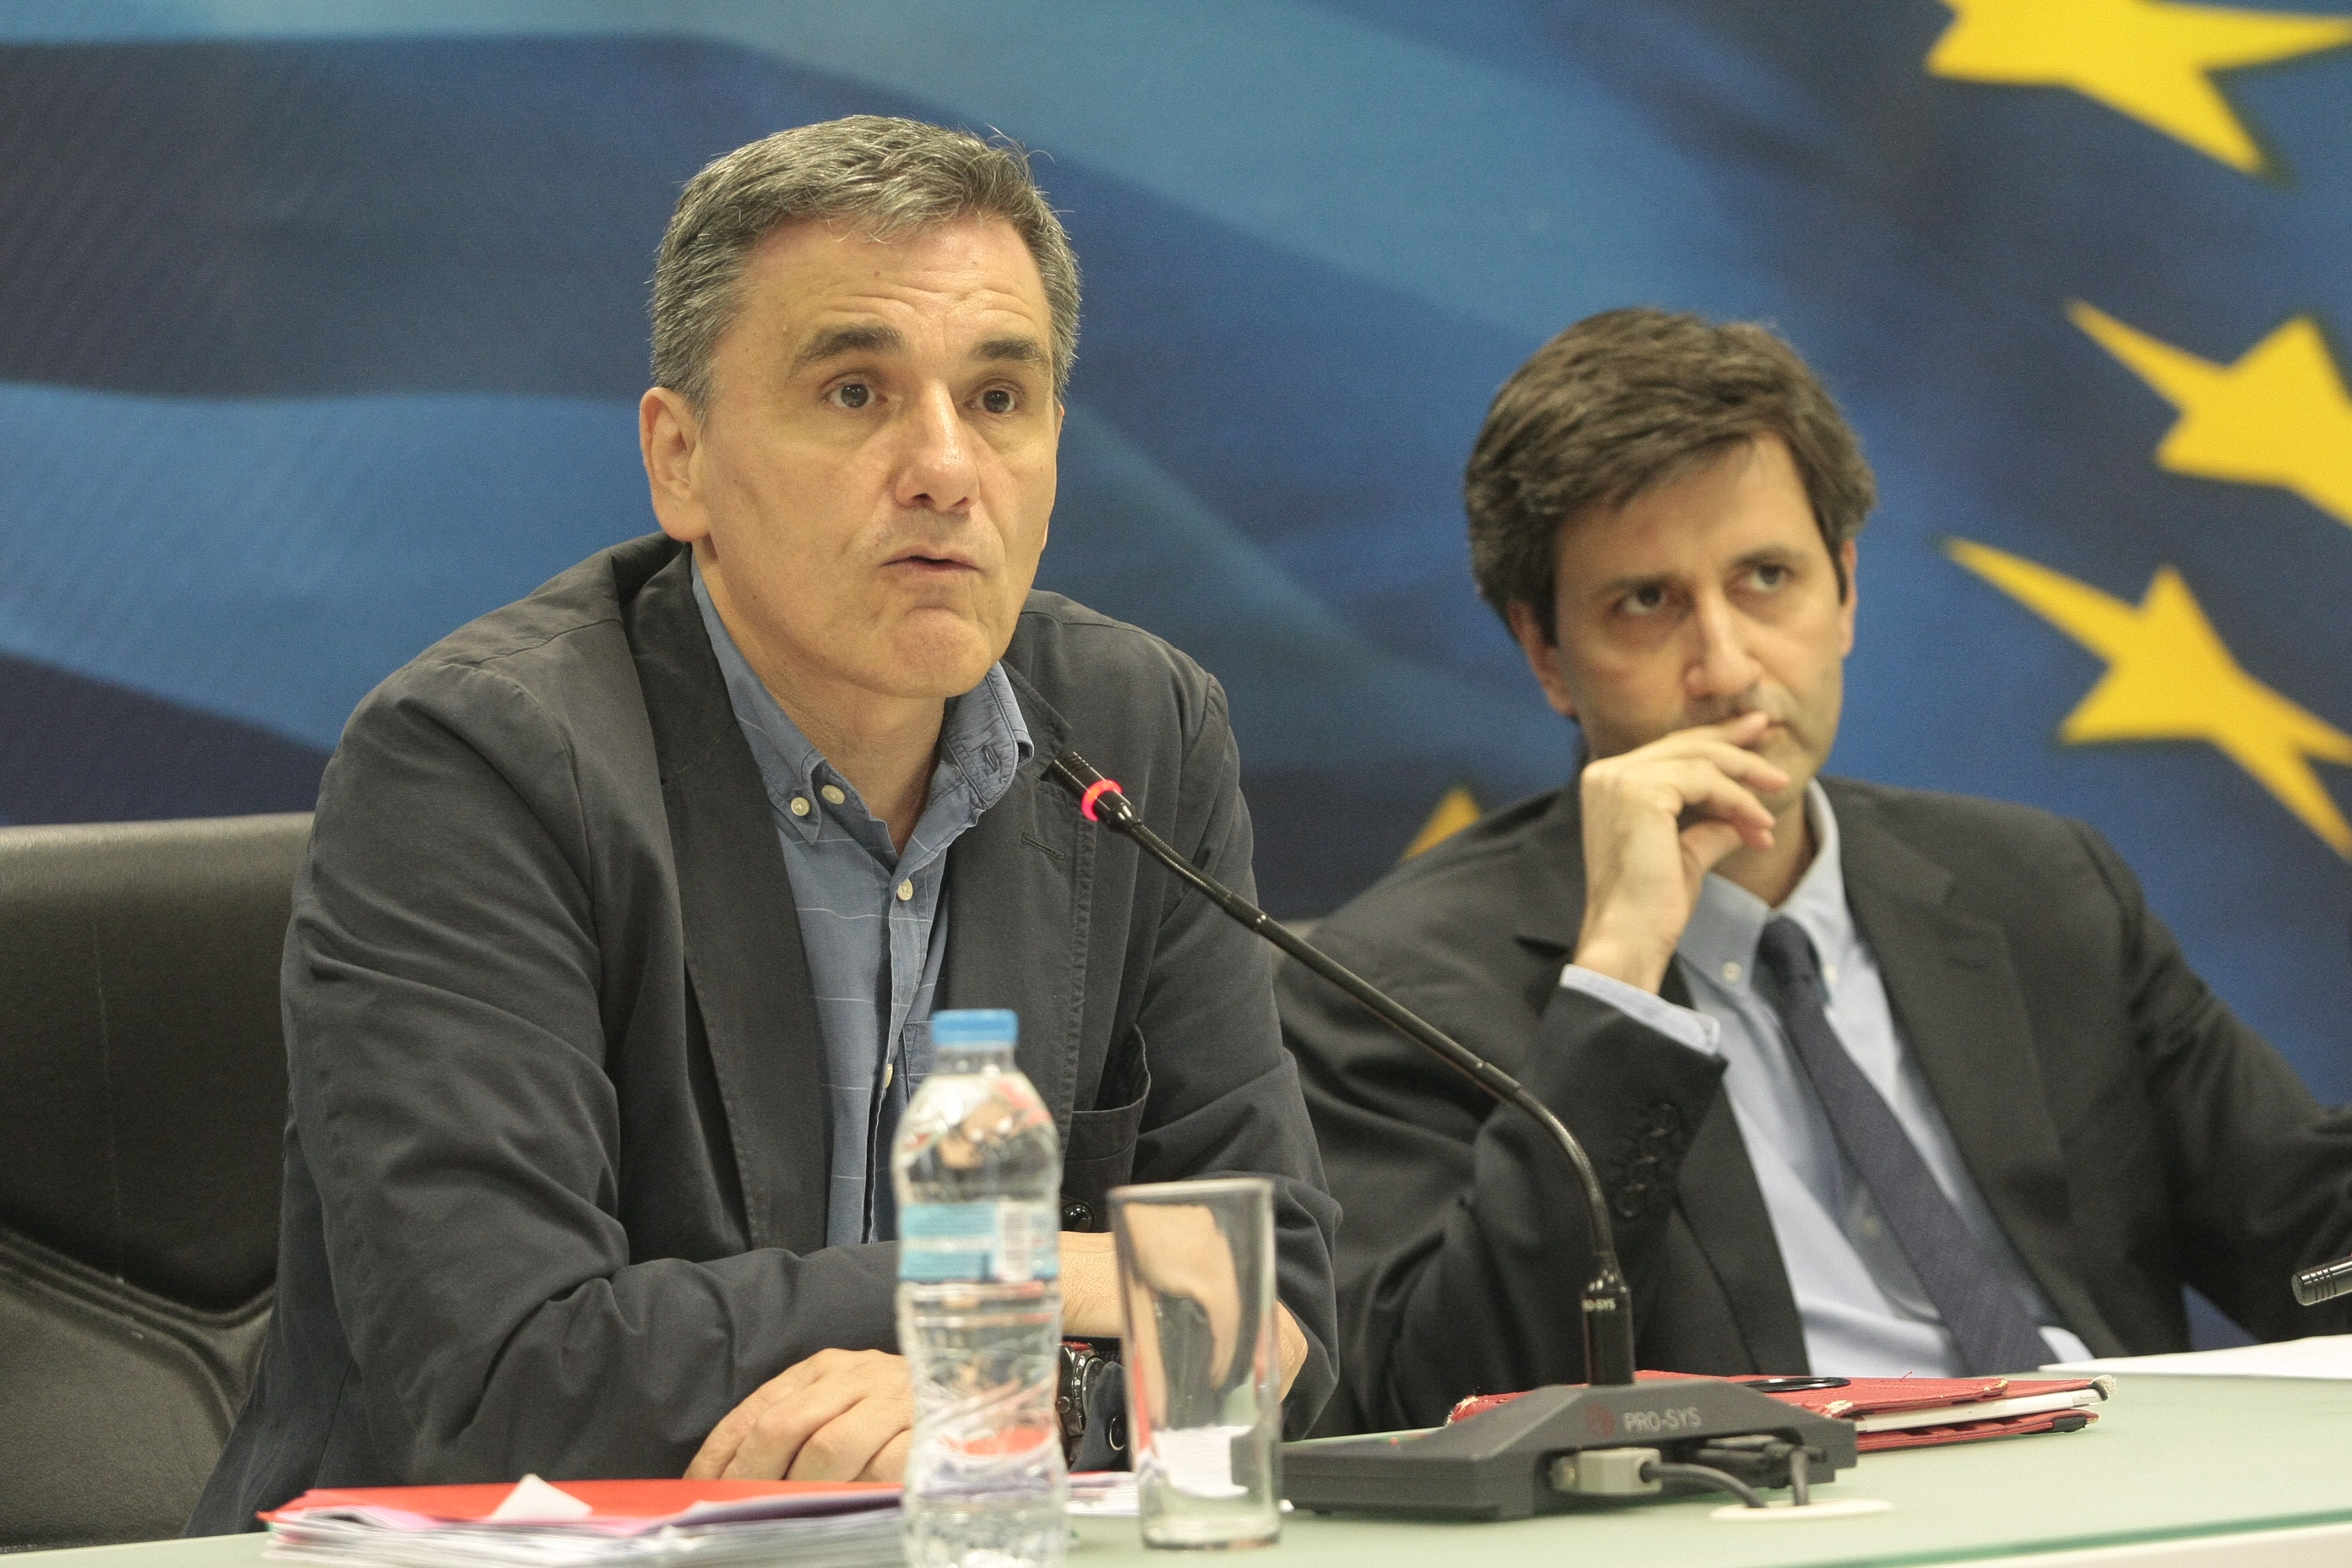 Τηλεδιάσκεψη οικονομικού επιτελείου-θεσμών το μεσημέρι της Παρασκευής   tovima.gr